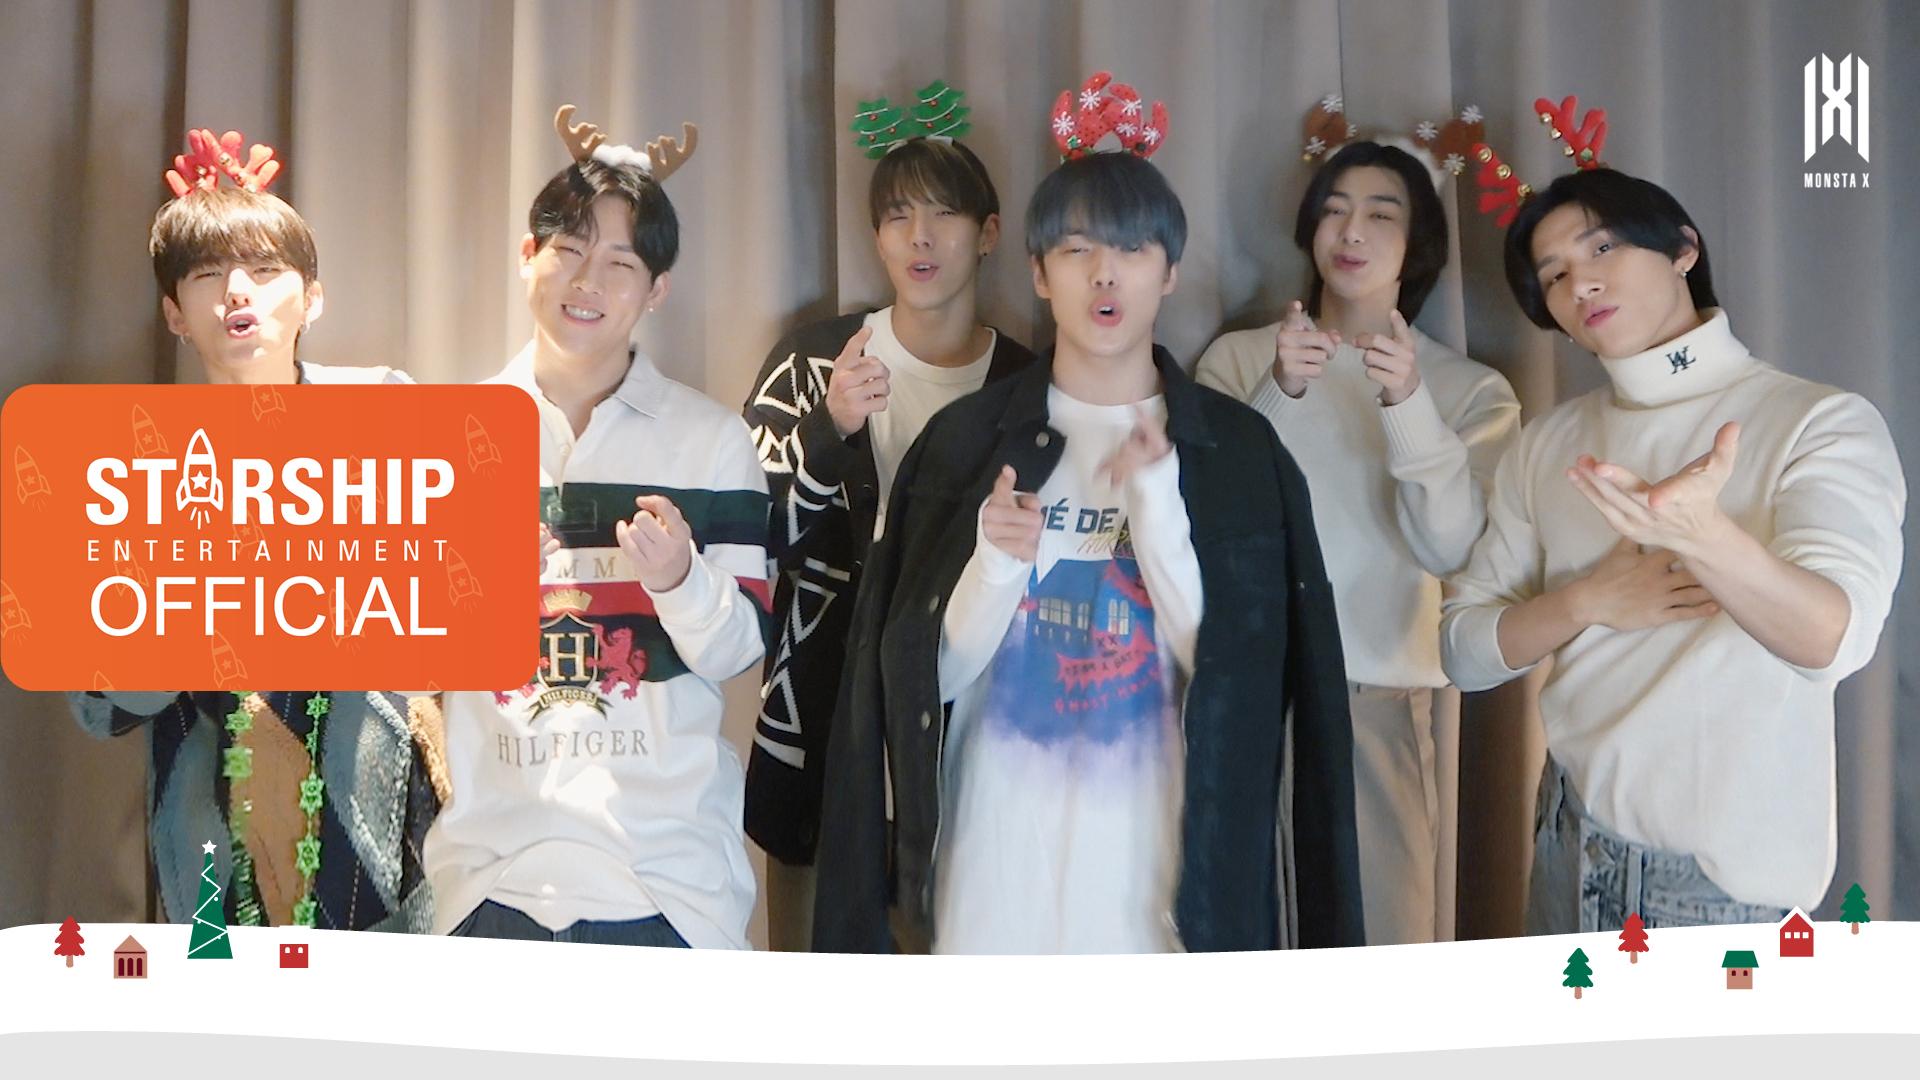 [Special Clip] MONSTA X (몬스타엑스) - 2020 Christmas Message